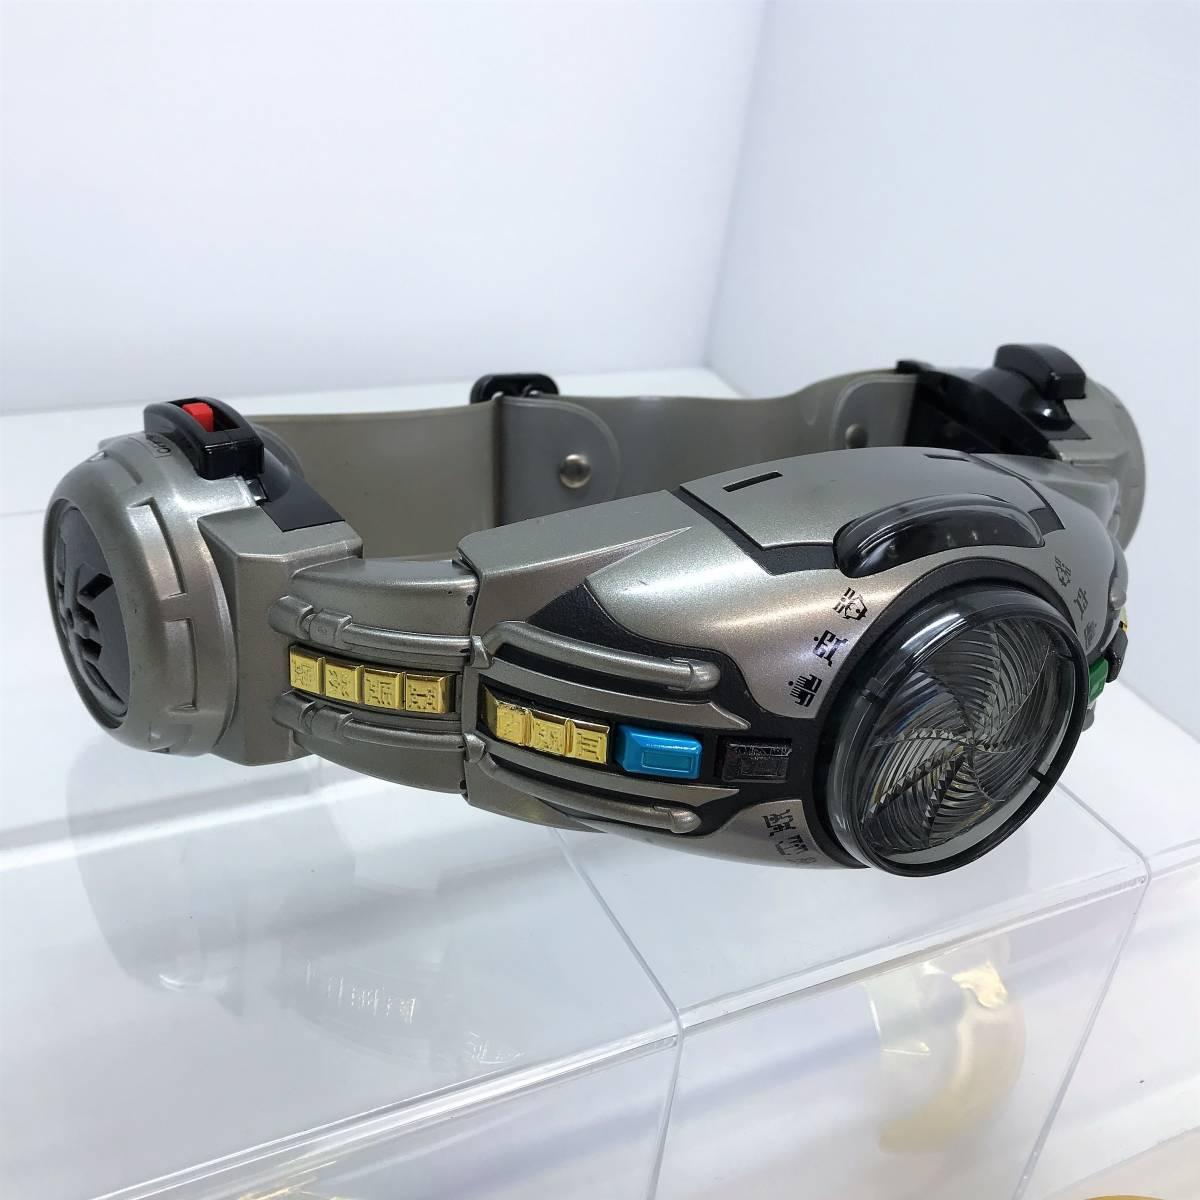 仮面ライダー クウガ DX 変身ベルト ソニックウェーブ アークル タイタンソード 当時物 なりきり 武器 まとめて 多数 大量 セット 出品中_画像3